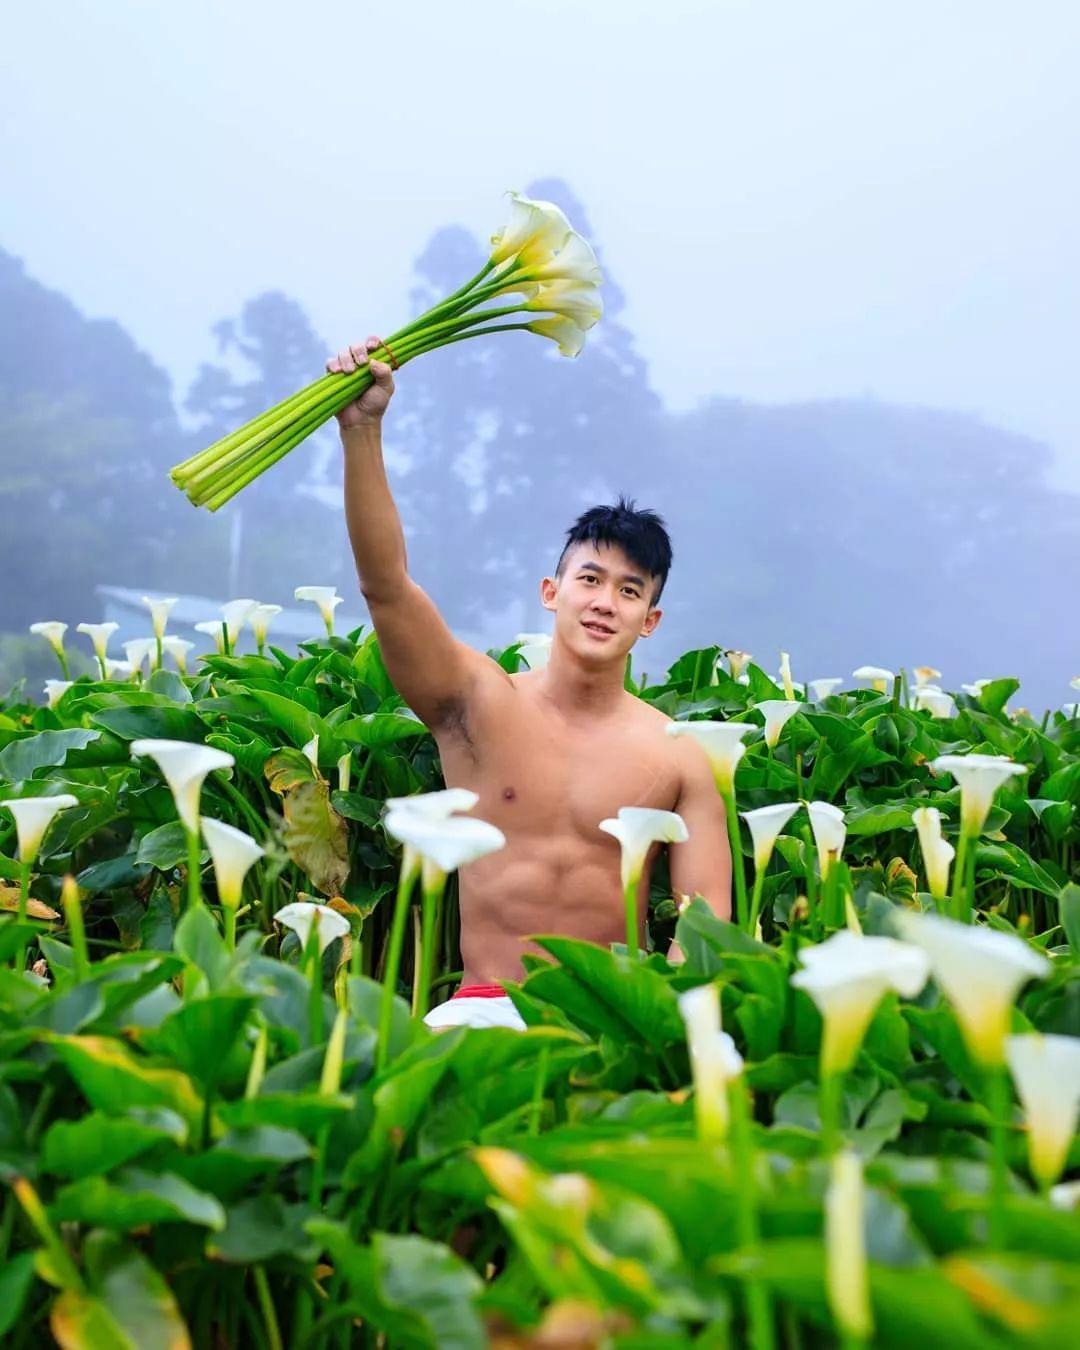 海芋花丛里的肌肉少年。